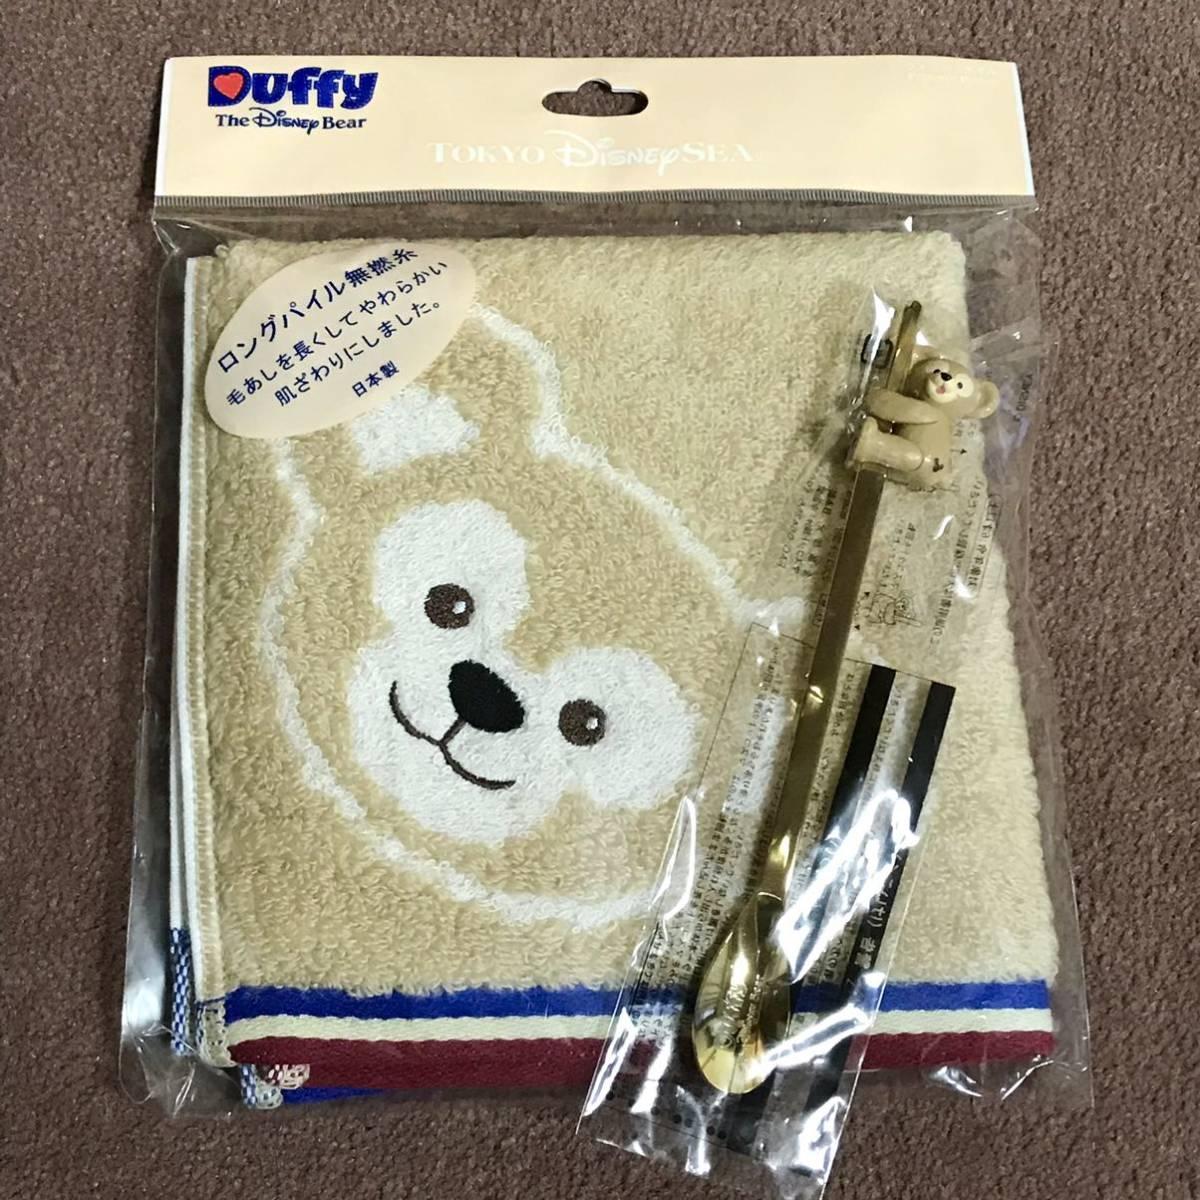 ダッフィー Duffy タオル スプーン ディズニーシー限定 日本製 未使用品 ウォッシュタオル 東京ディズニーシー_画像1